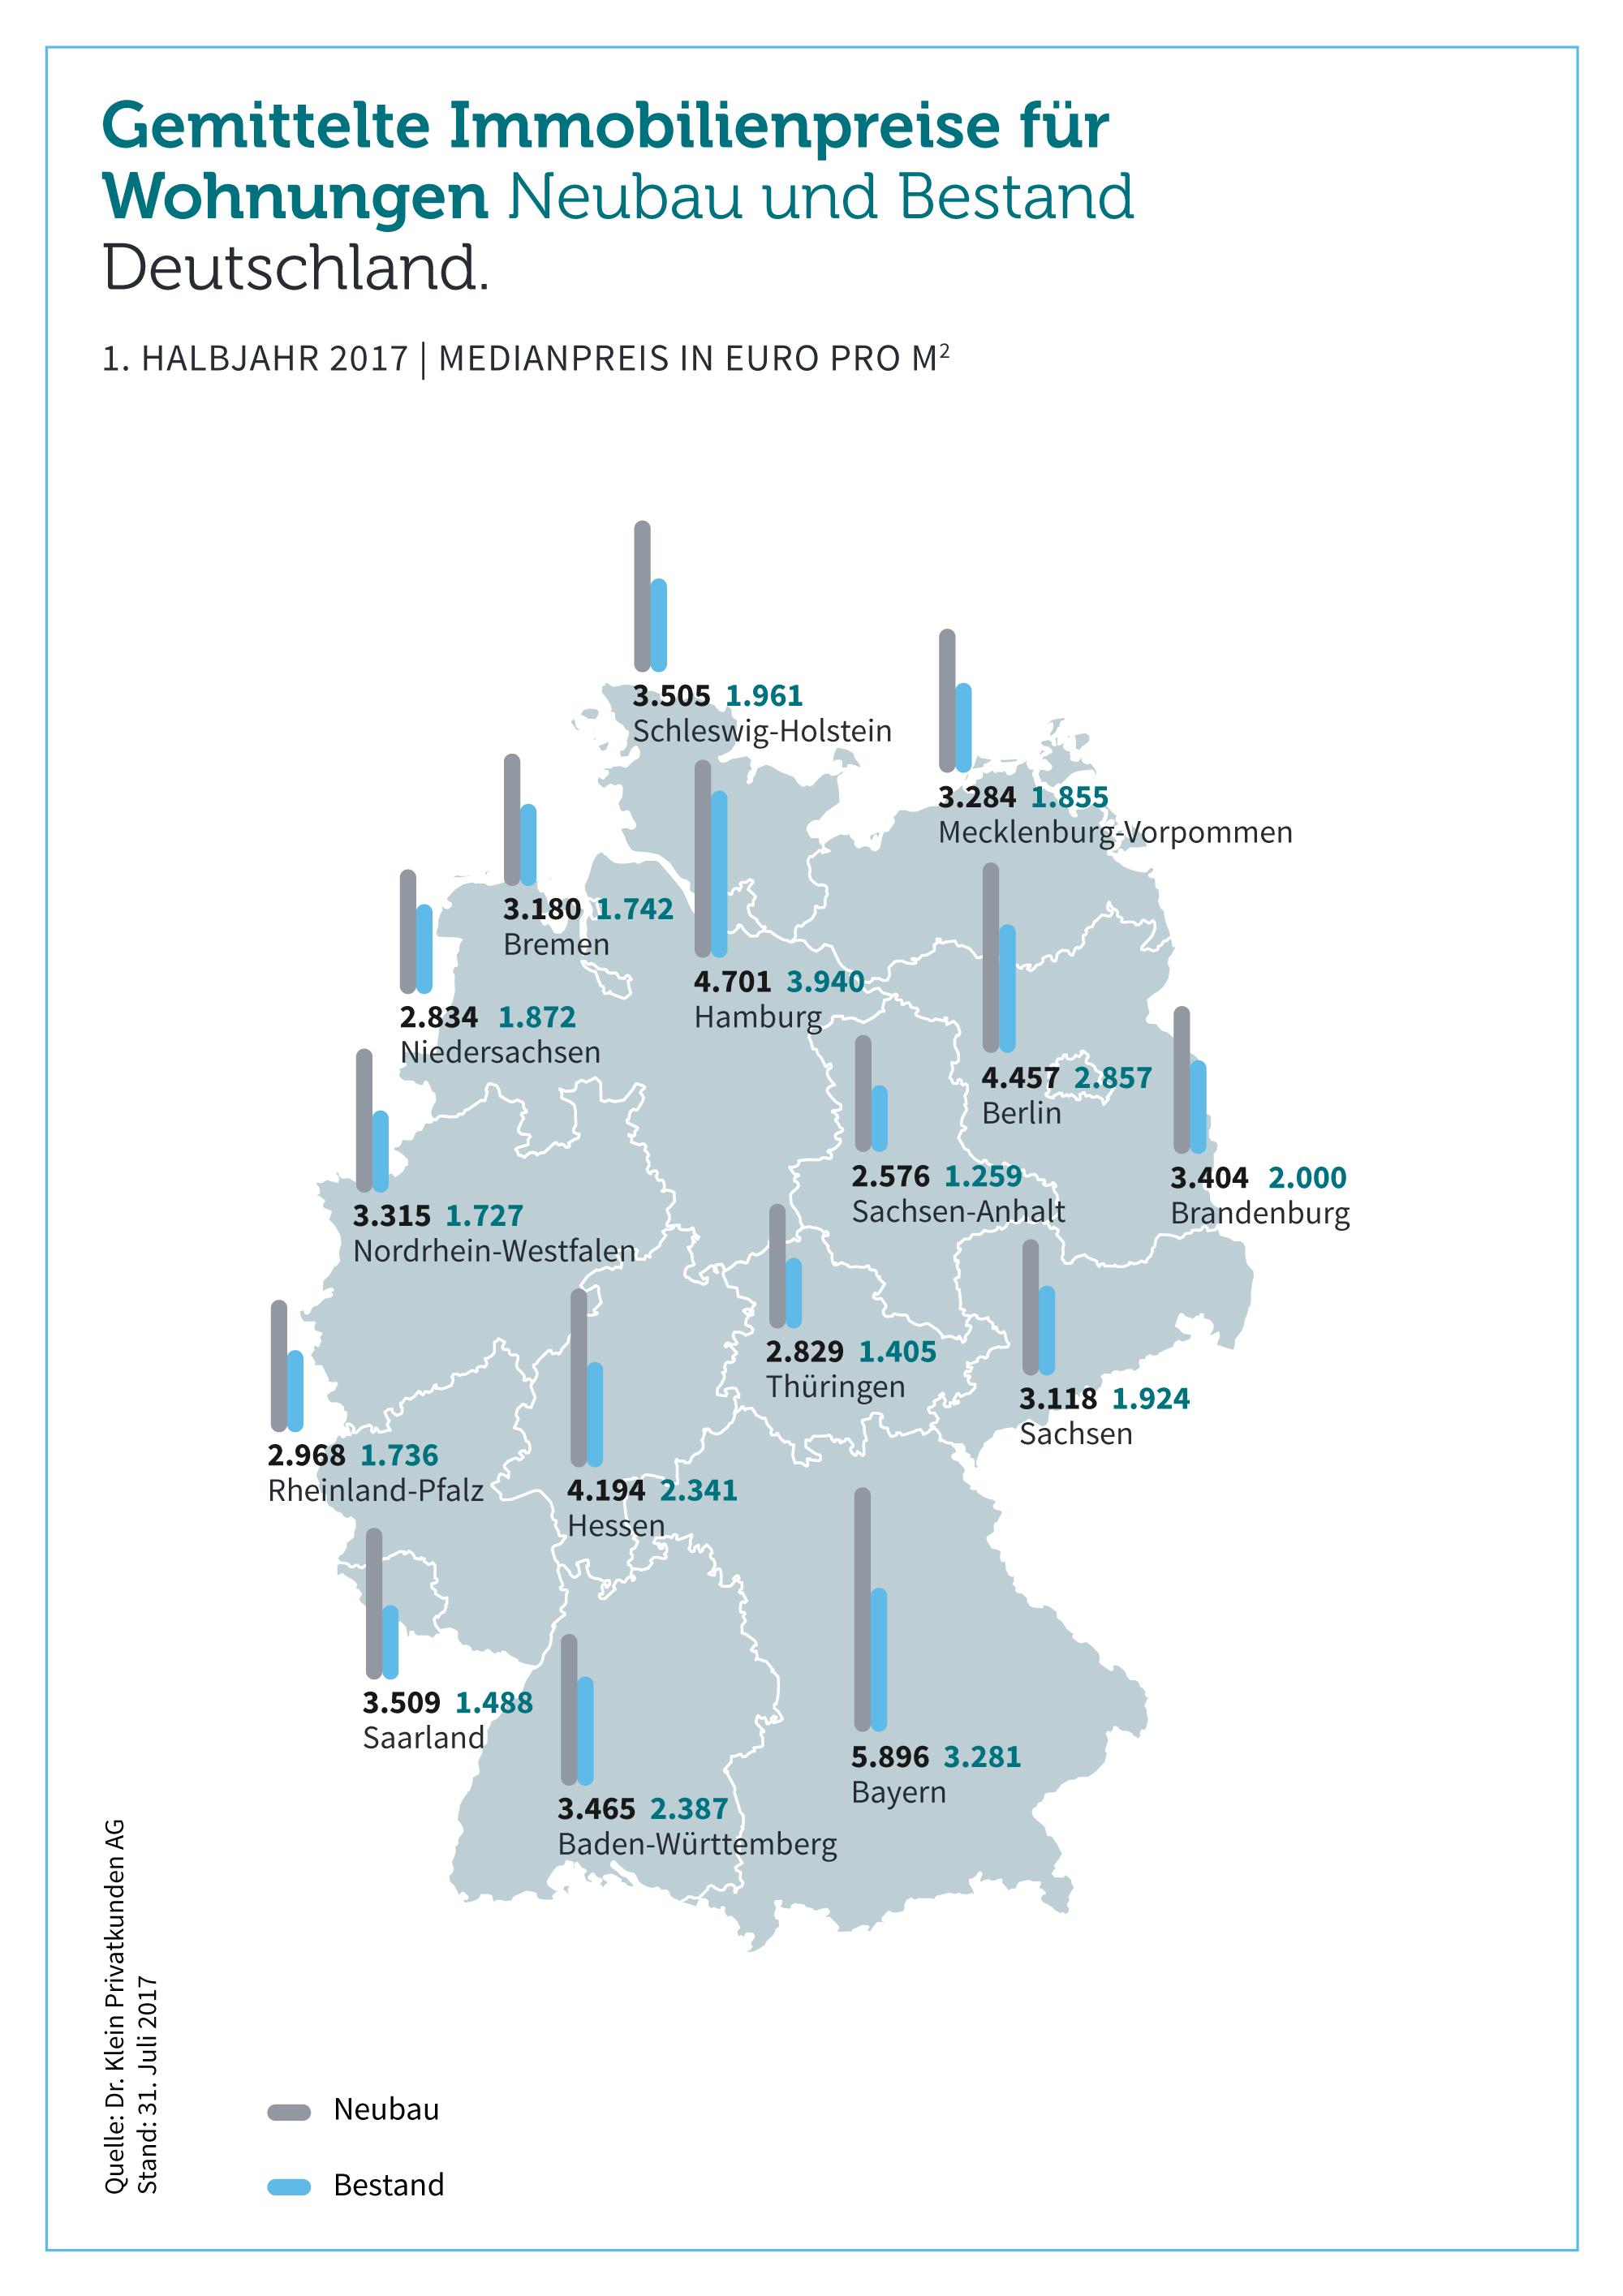 Bbe1bdd50a0d18b7 Org in Bundesweiter Preisvergleich: Bestand versus Neubau